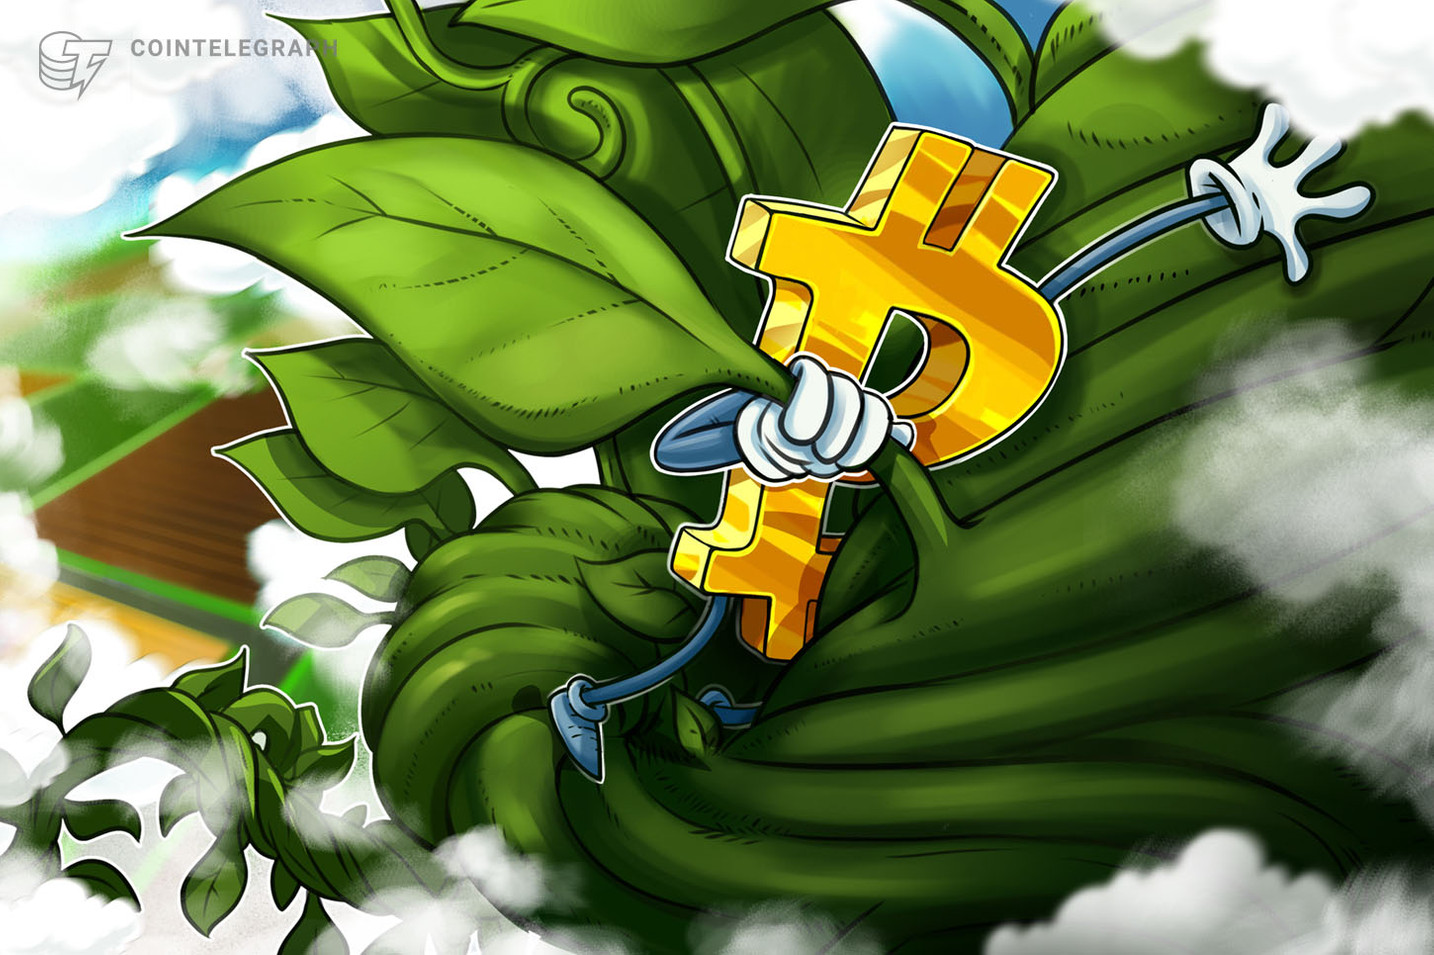 Preço do Bitcoin se aproxima de US$ 36.000 e altcoins obtêm ganhos de 10%